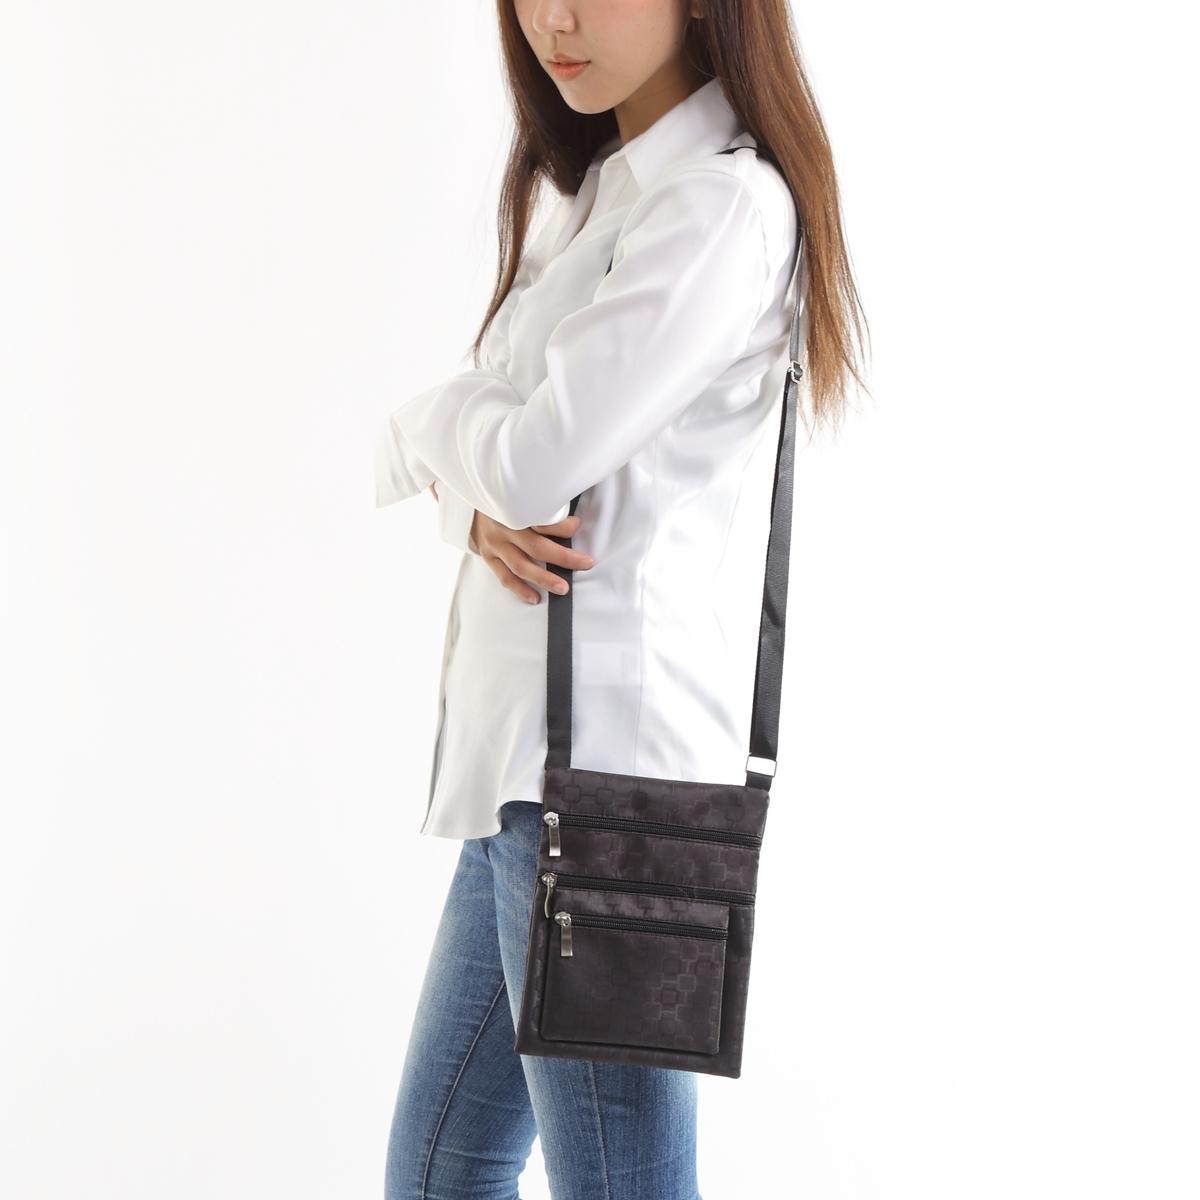 ポケットが多いので 仕分ができます マチなく薄く軽い 業務用にも 使いやすいショルダーバッグです 2サイズあります 小さい方です A5サイズくらいですね ショルダーバッグ 黒 店内限界値引き中 セルフラッピング無料 激安 男女兼用 レディース セール 販売期間 限定のお得なタイムセール メンズ 軽い 肩掛け 格安 超軽い